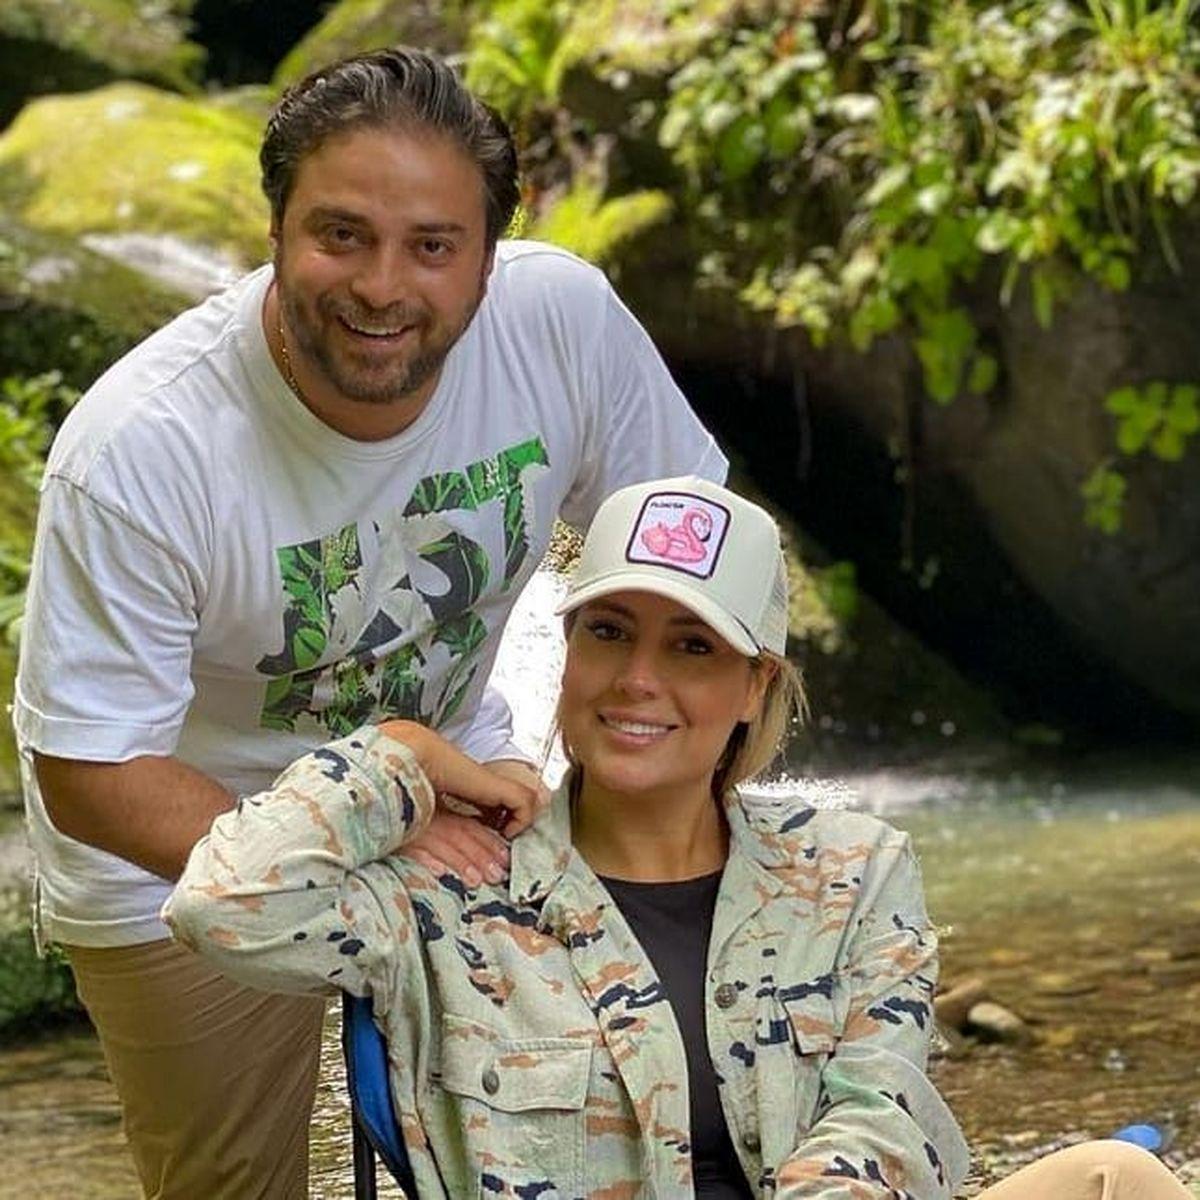 بابک جهانبخش و همسر بی حجابش در کنار آب + عکس